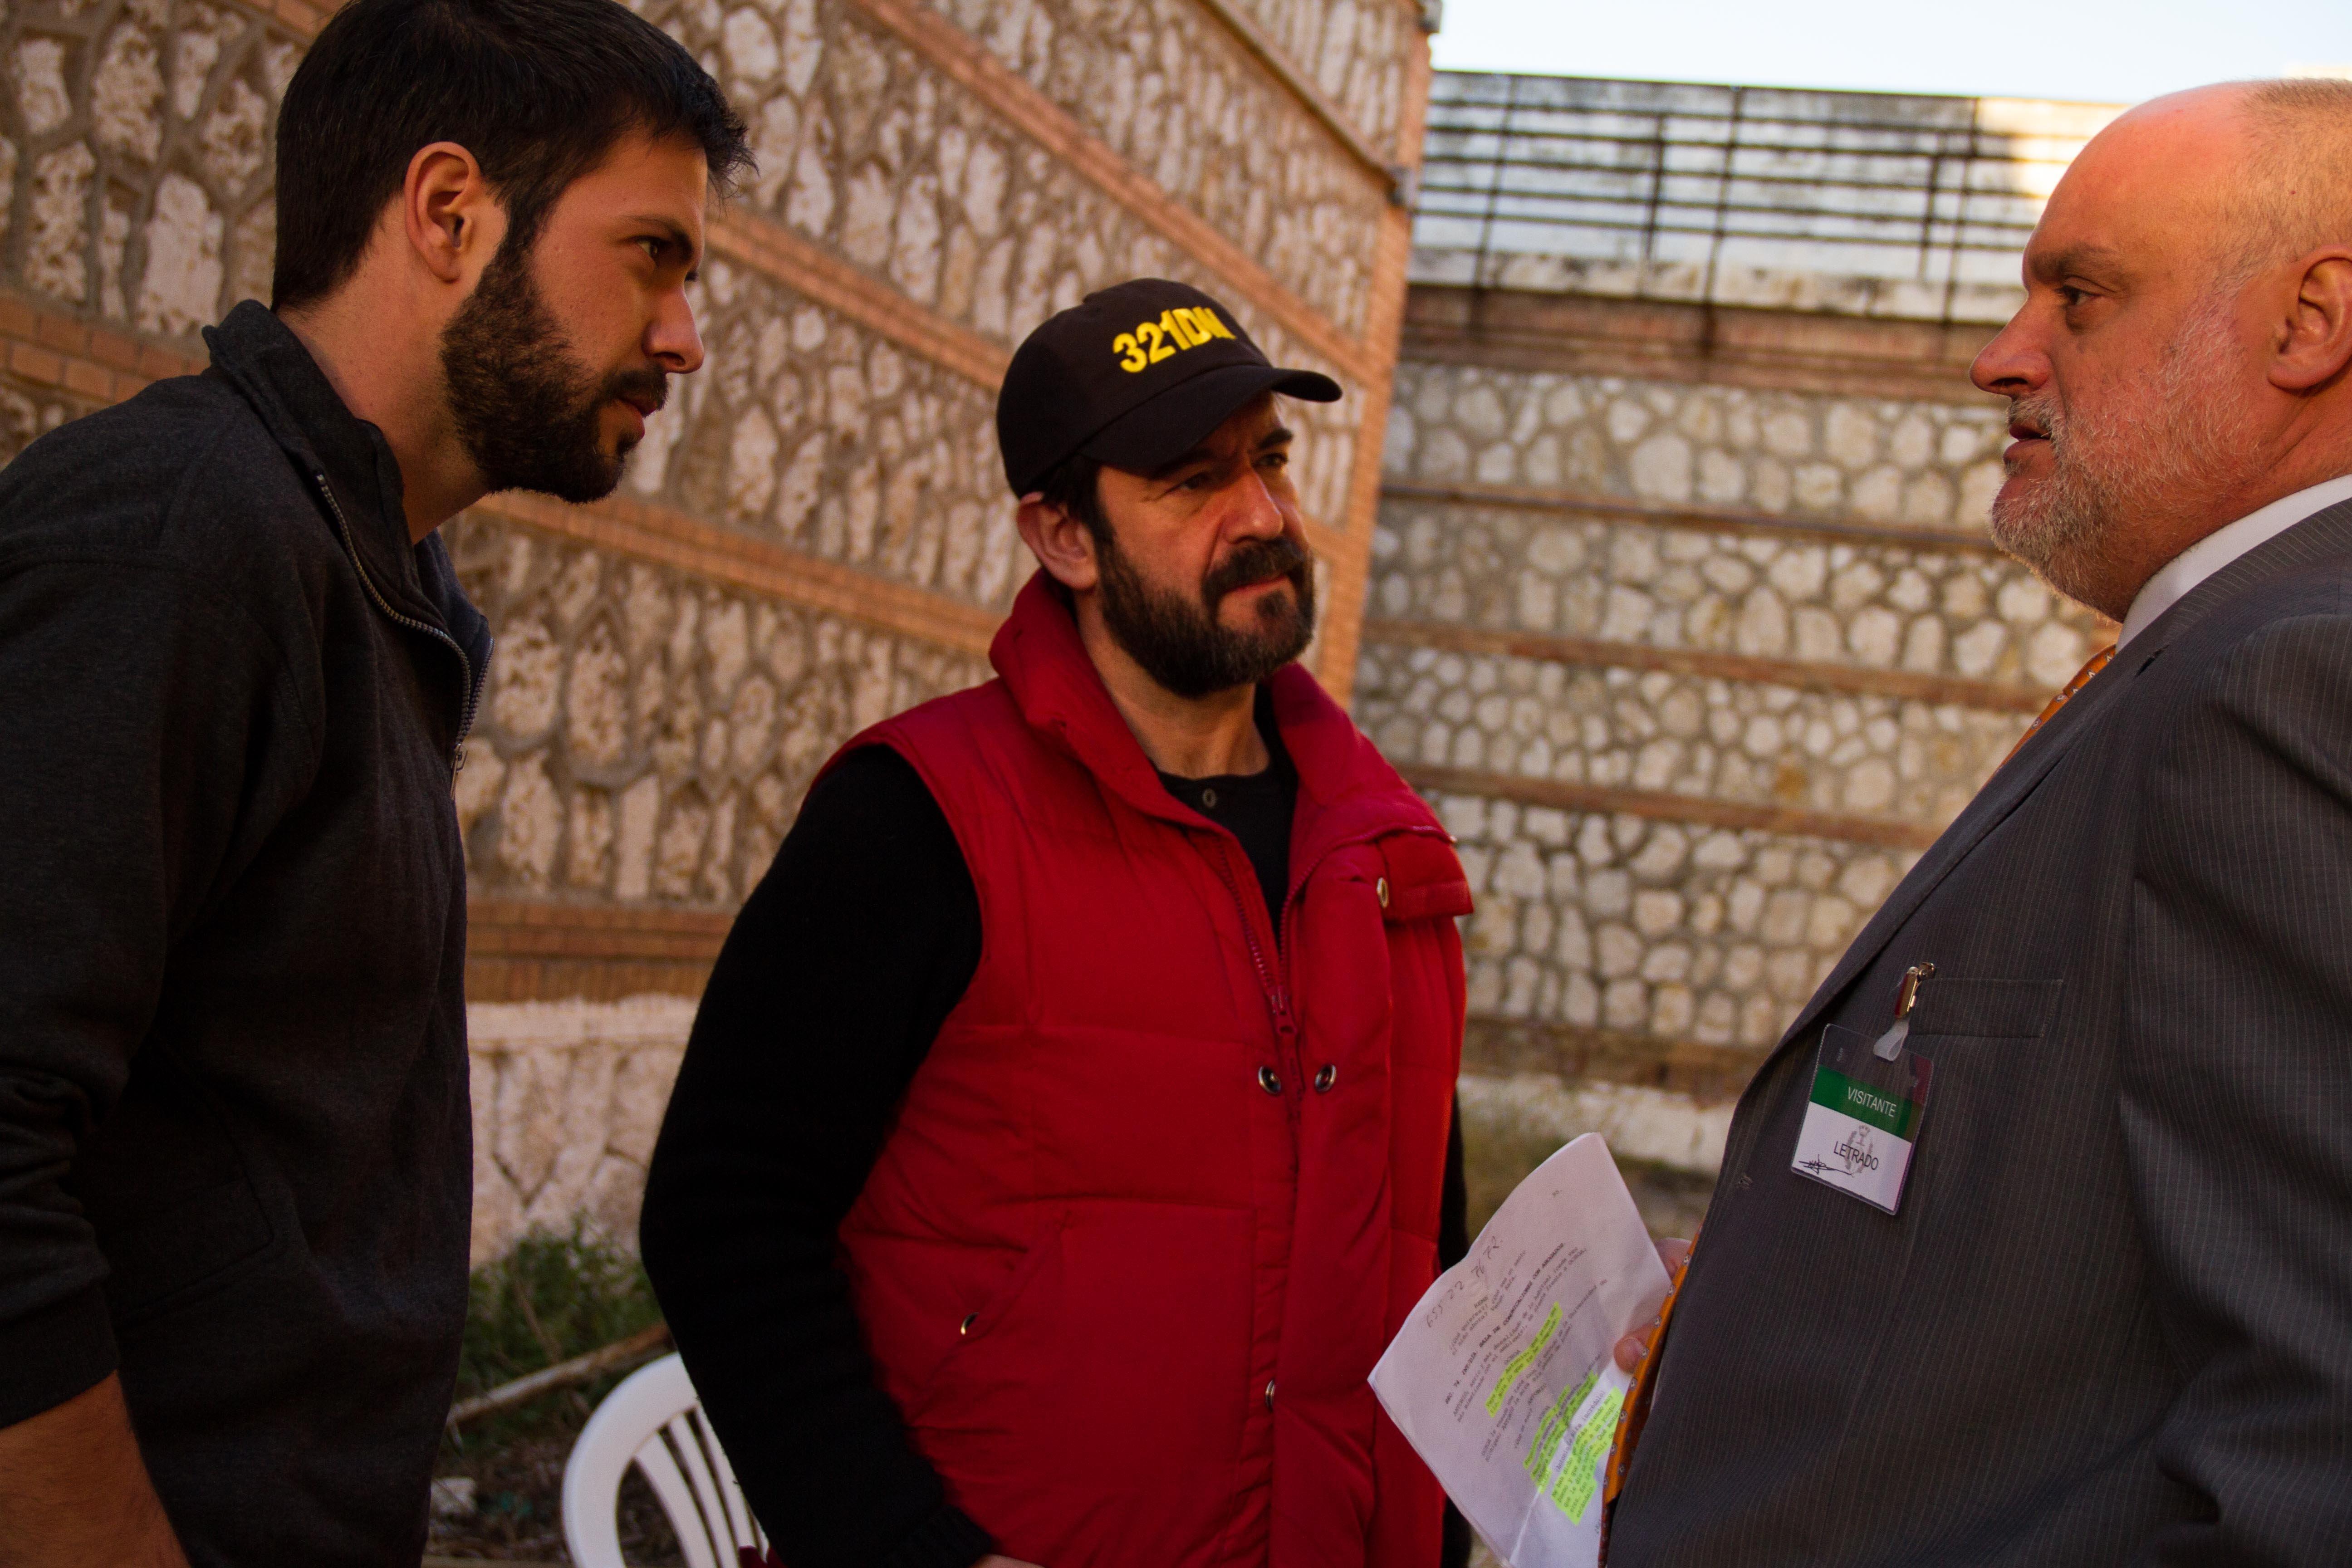 Juanma Lara, Enrique García, and Chico García in 321 días en Michigan (2014)